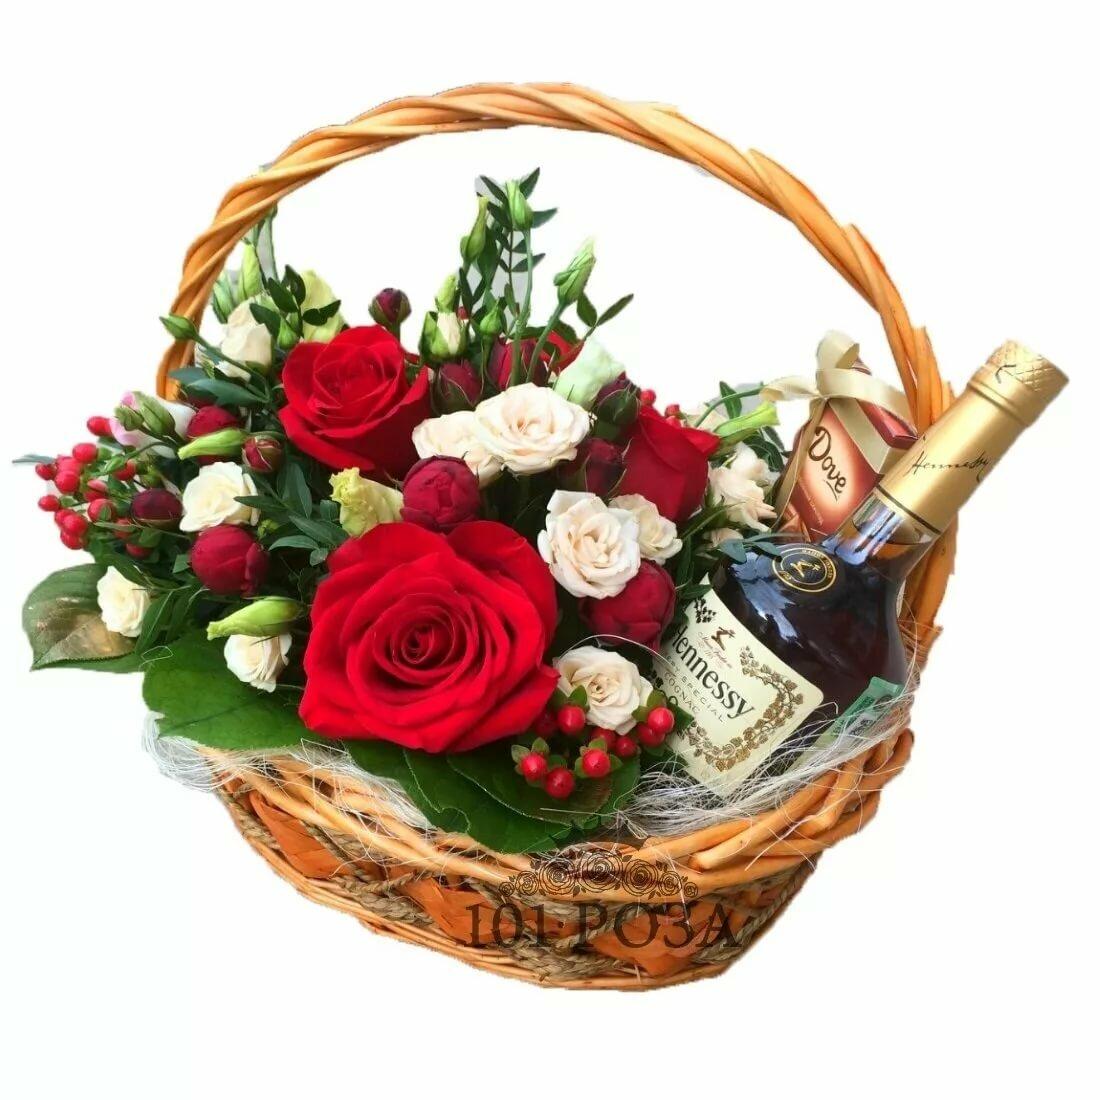 молодец, которая цветы для мужчины на день рождения картинки пускали морг